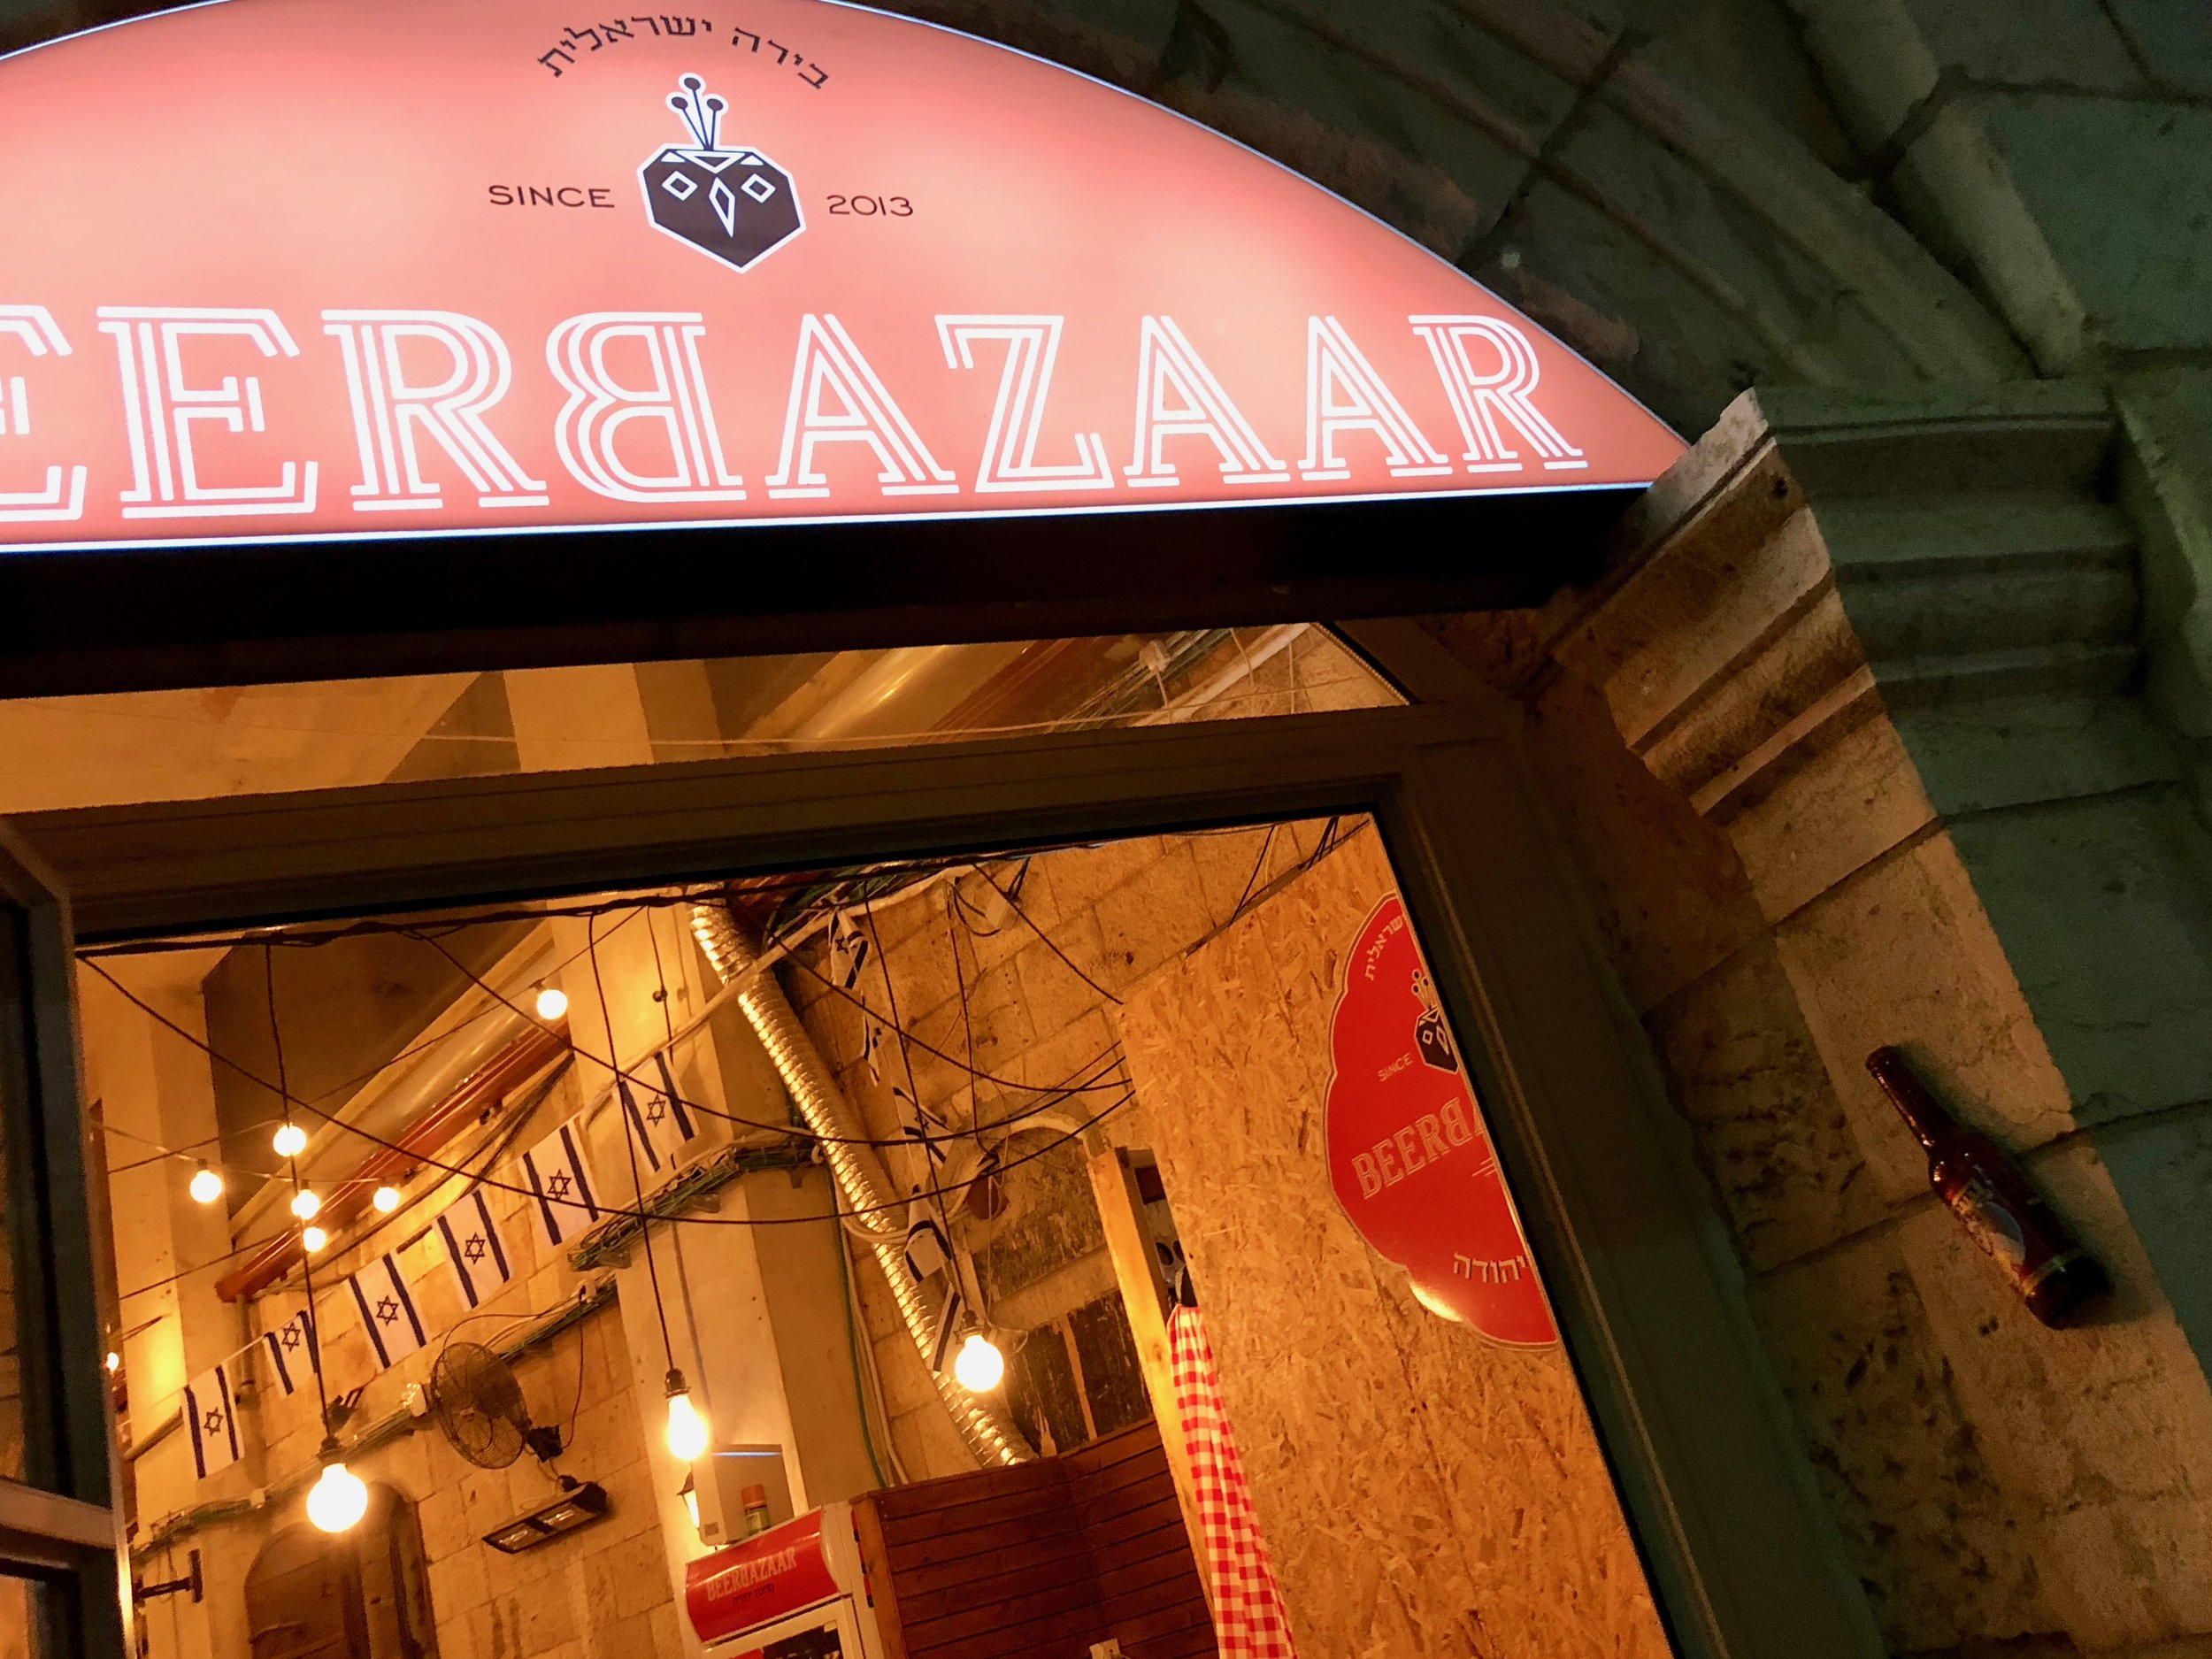 Yes, that beer bottle on the door post is a Mezuzah!